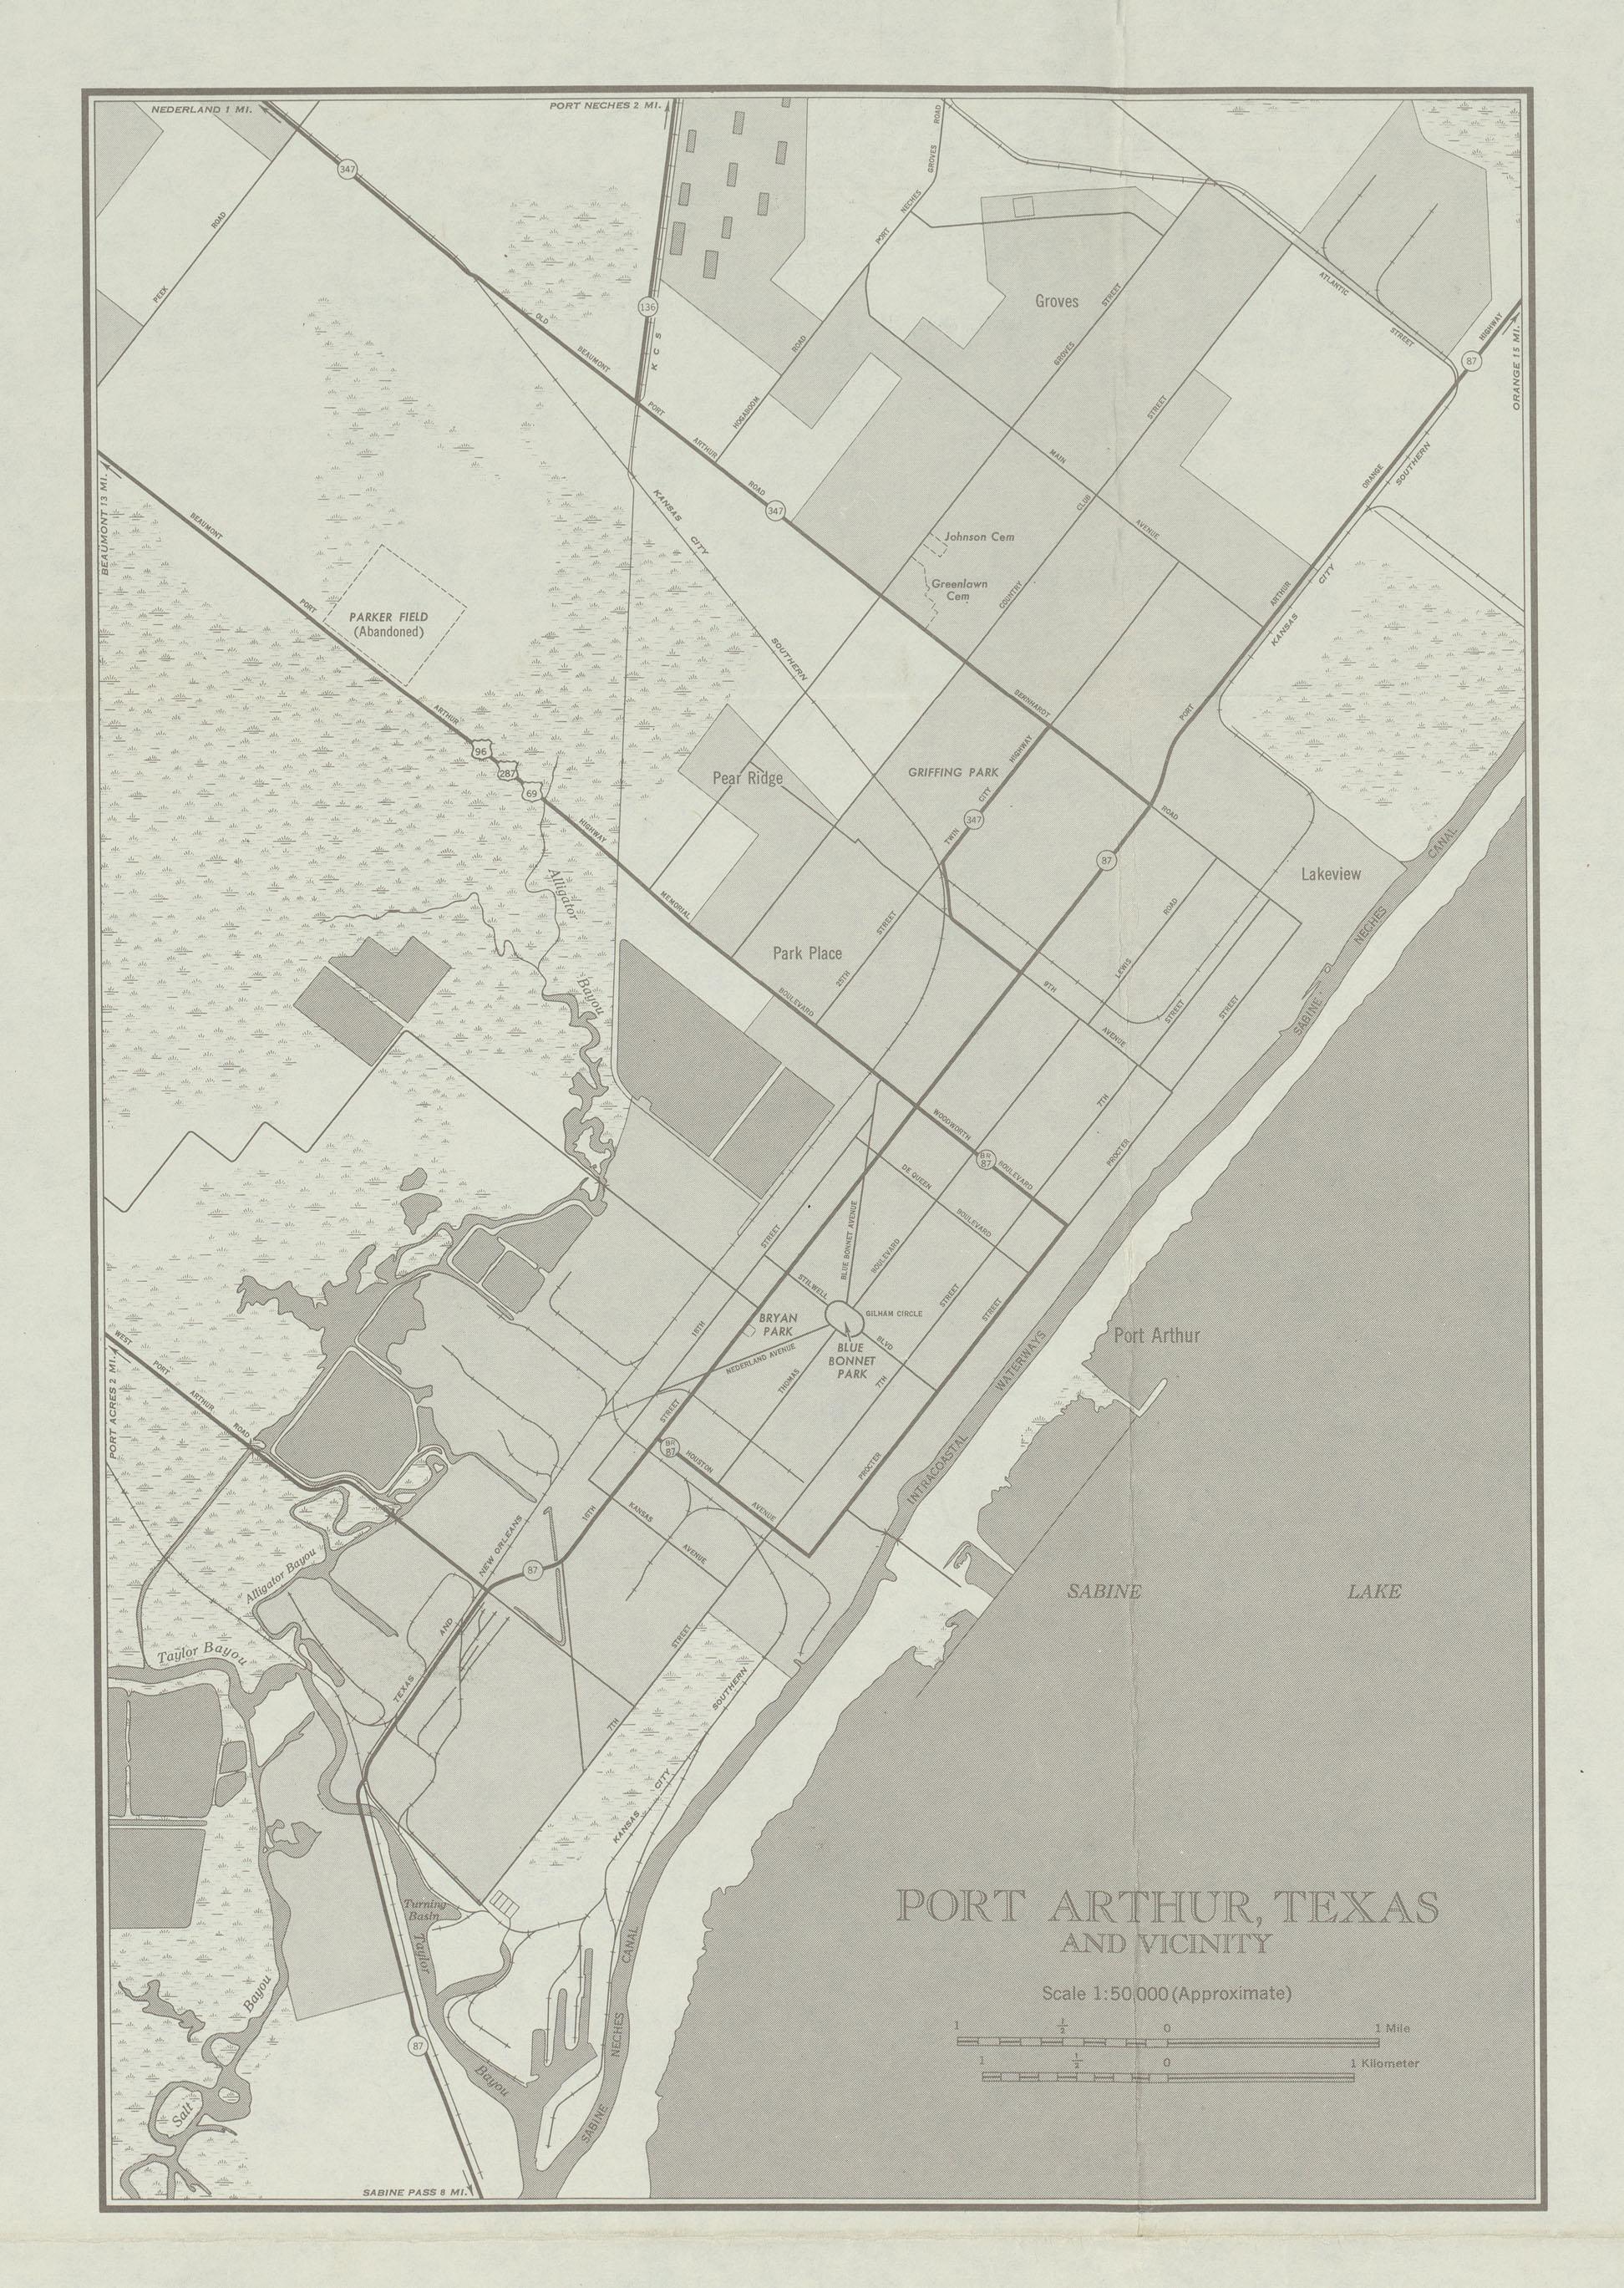 Mapa de la Ciudad de Port Arthur y Cercanías, Texas, Estados Unidos 1950